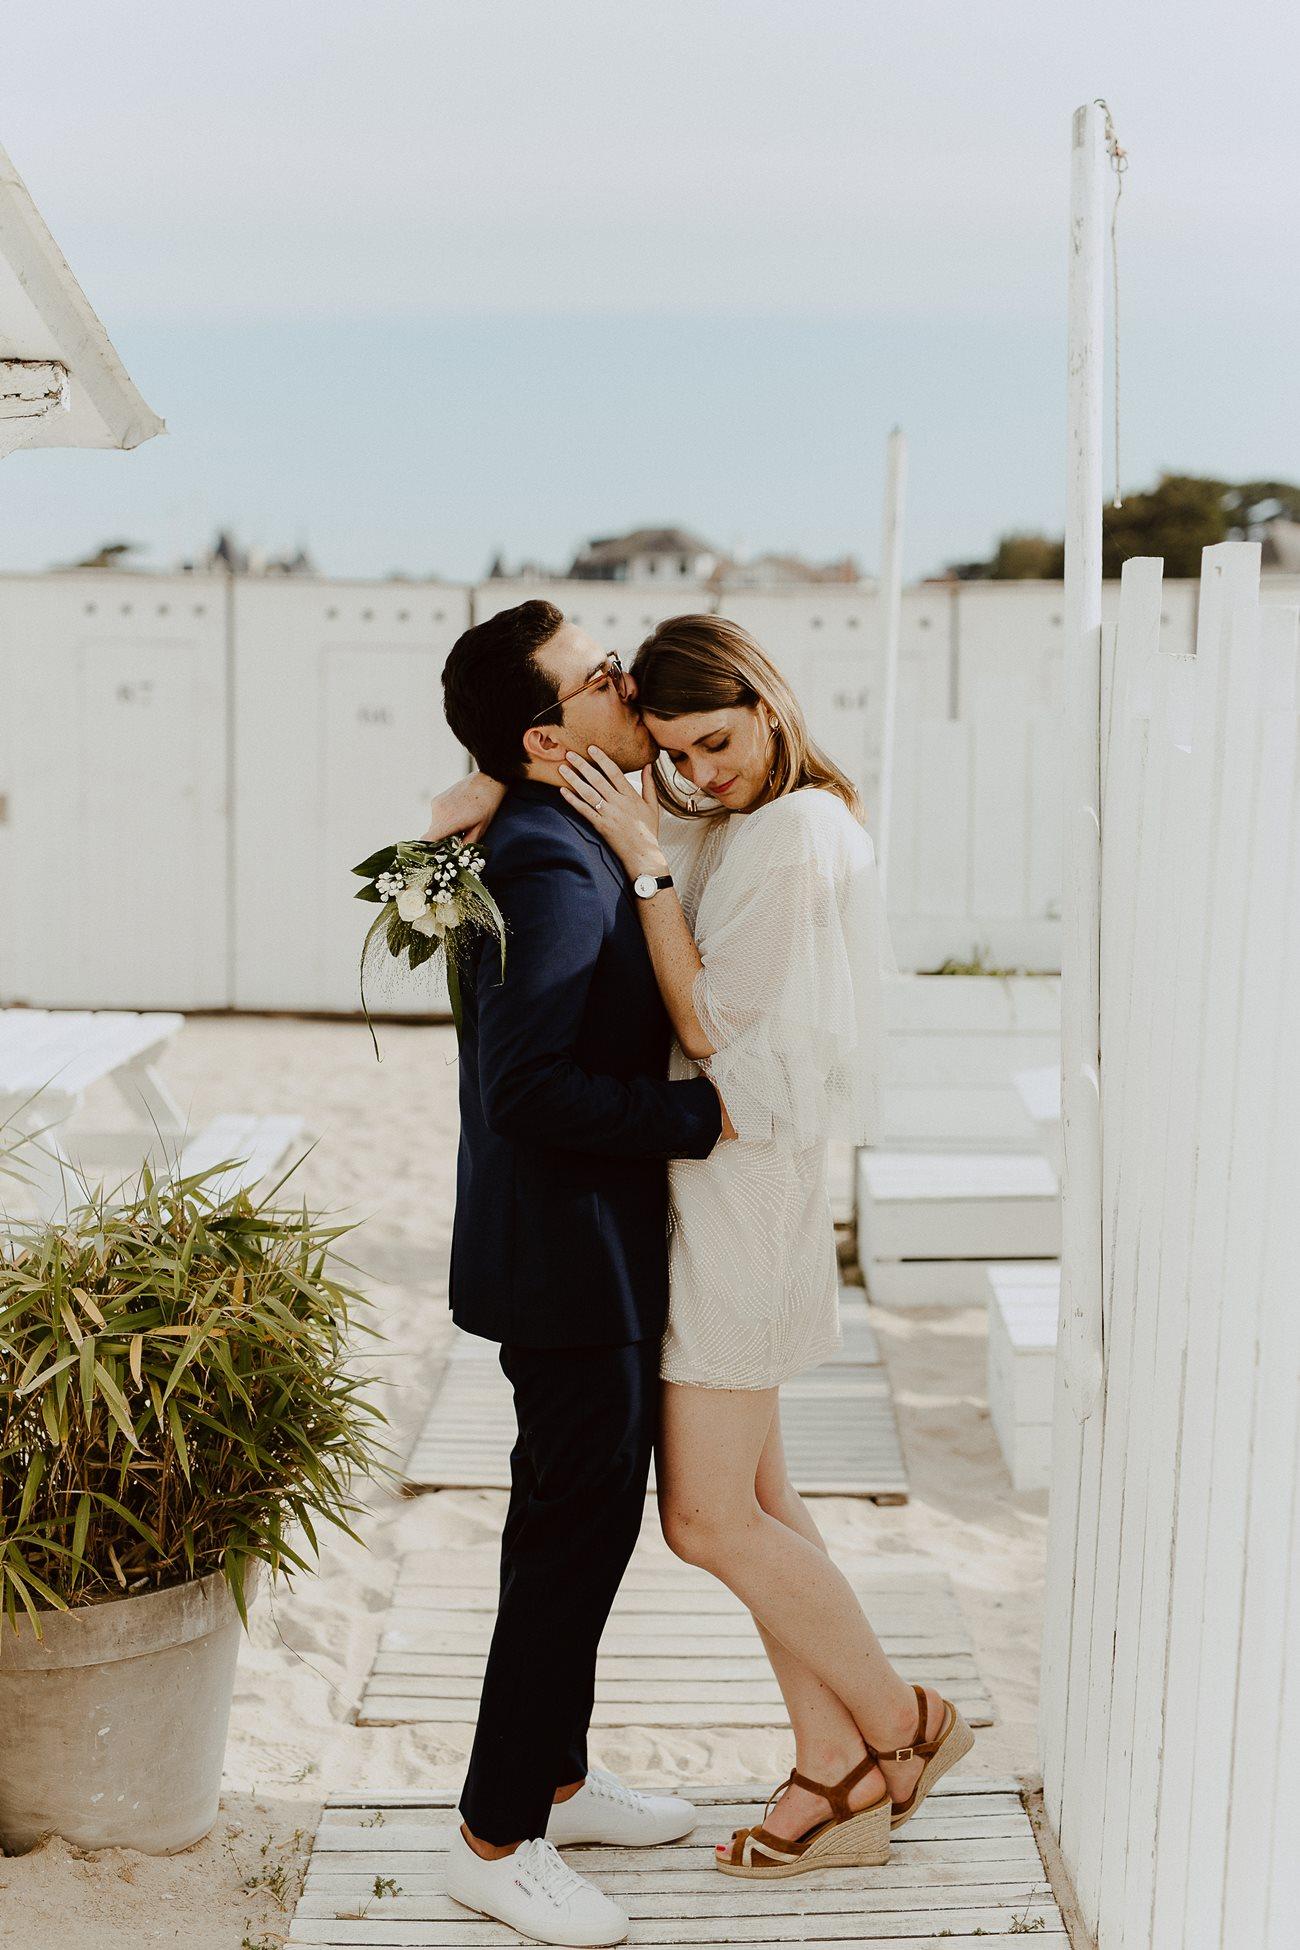 séance couple mariage bisou mariés été plage Les Bains du Nau